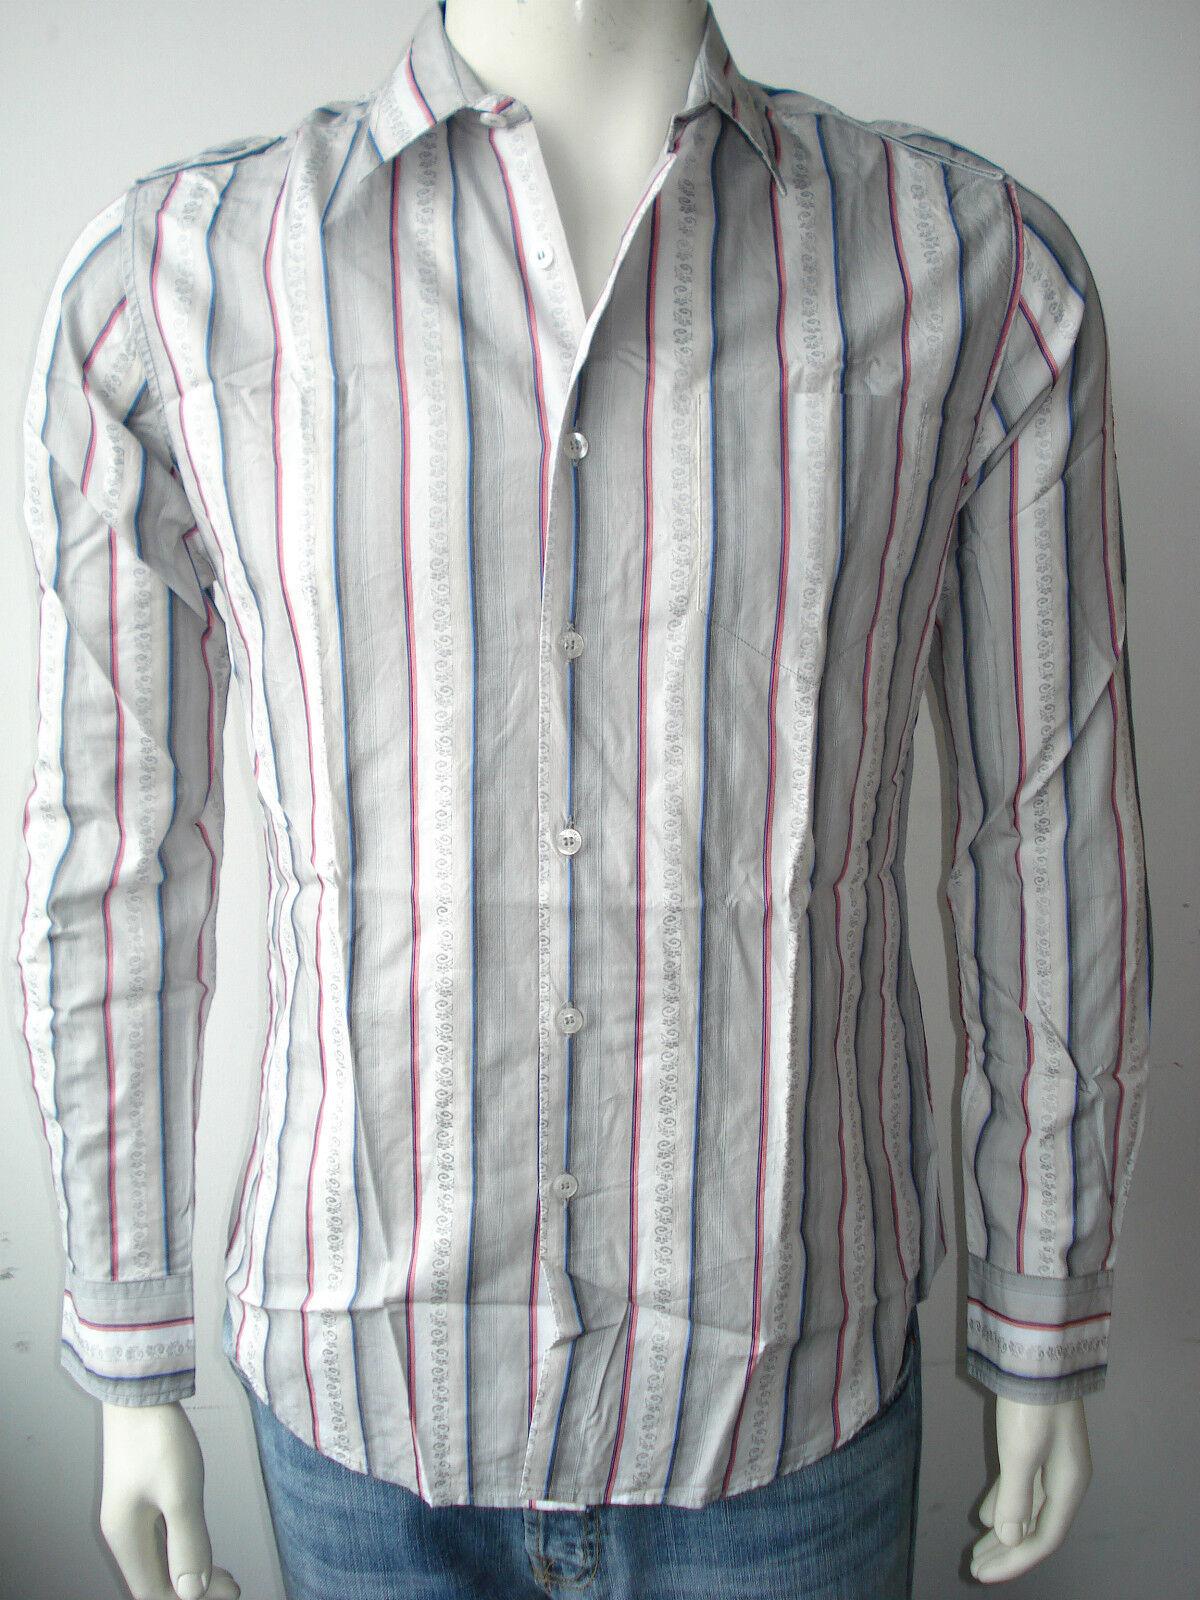 ANTWRP Antwerp Herren Herren Herren Shirt Hemd Camicia Shirt S M | Shop  | Bekannt für seine gute Qualität  | Wonderful  9c7a2d